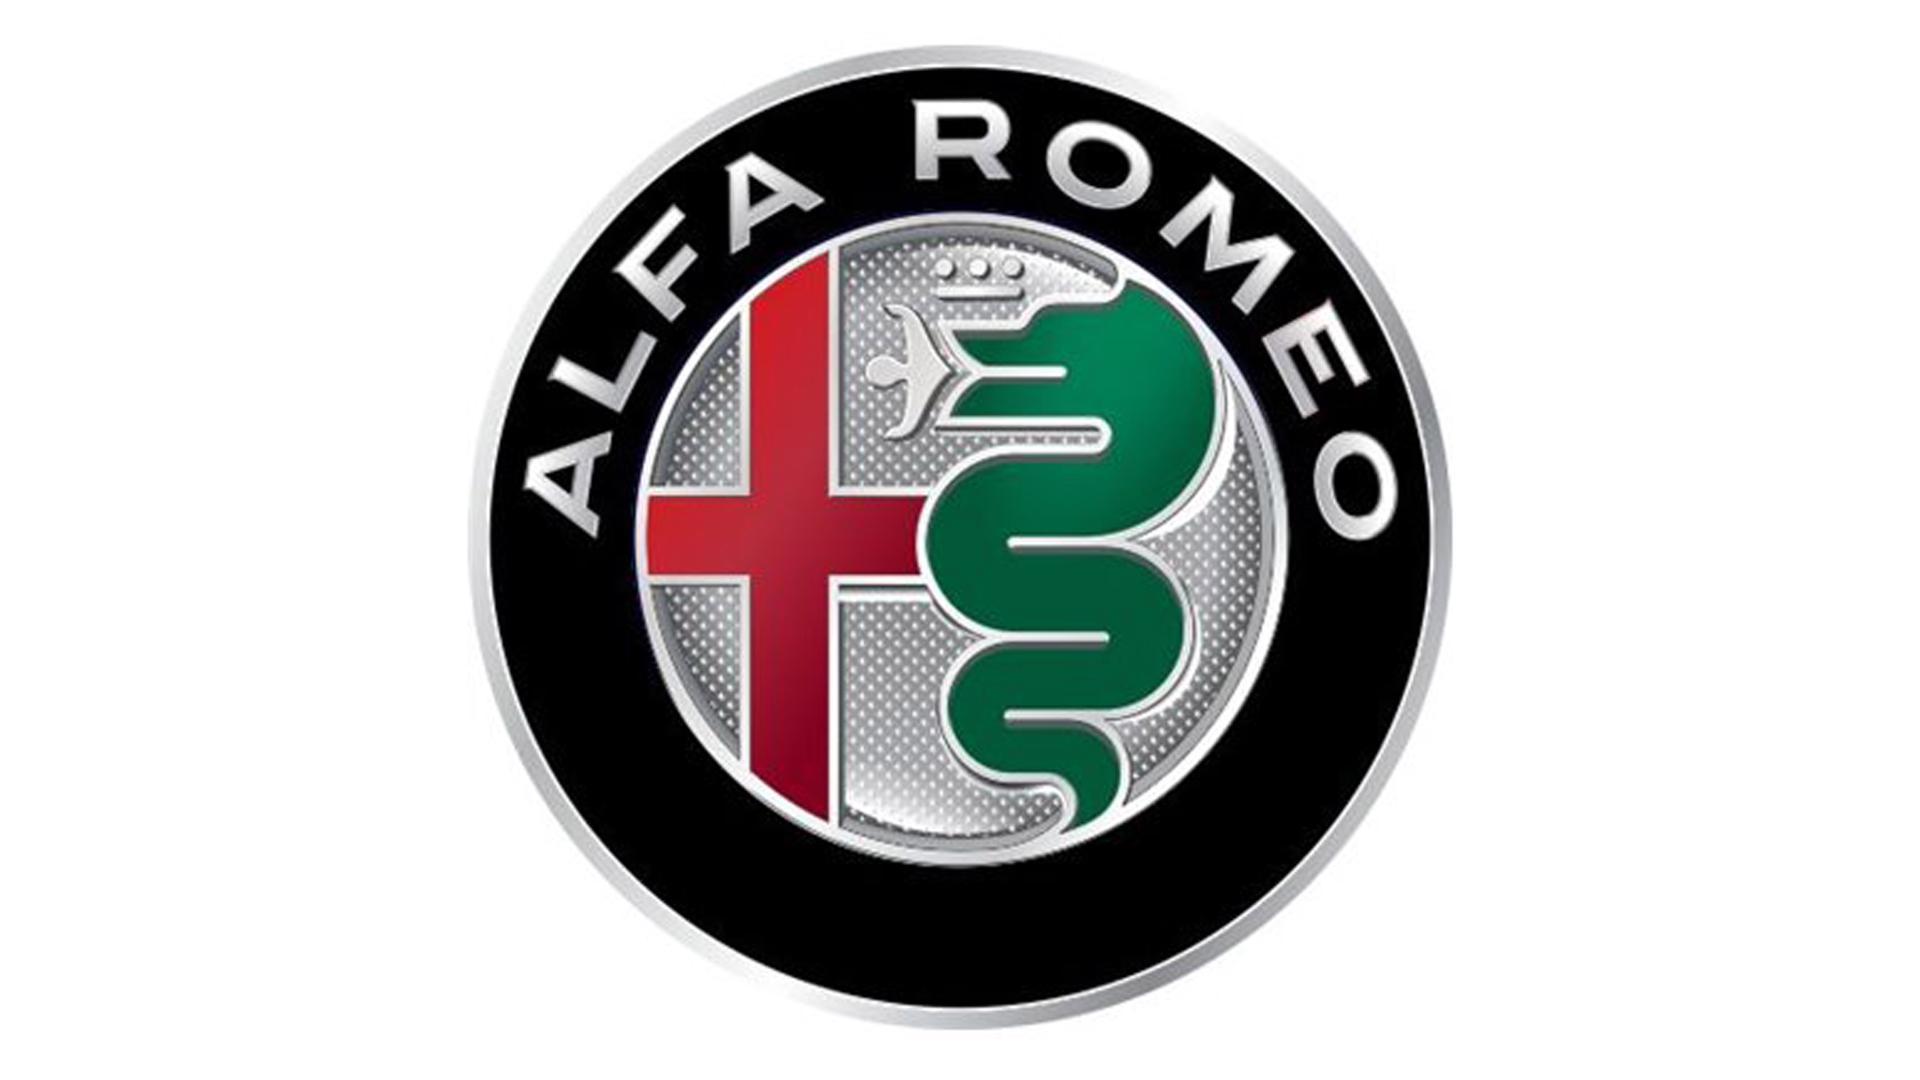 4CARS 3D CAR LOGO ALFA ROMEO